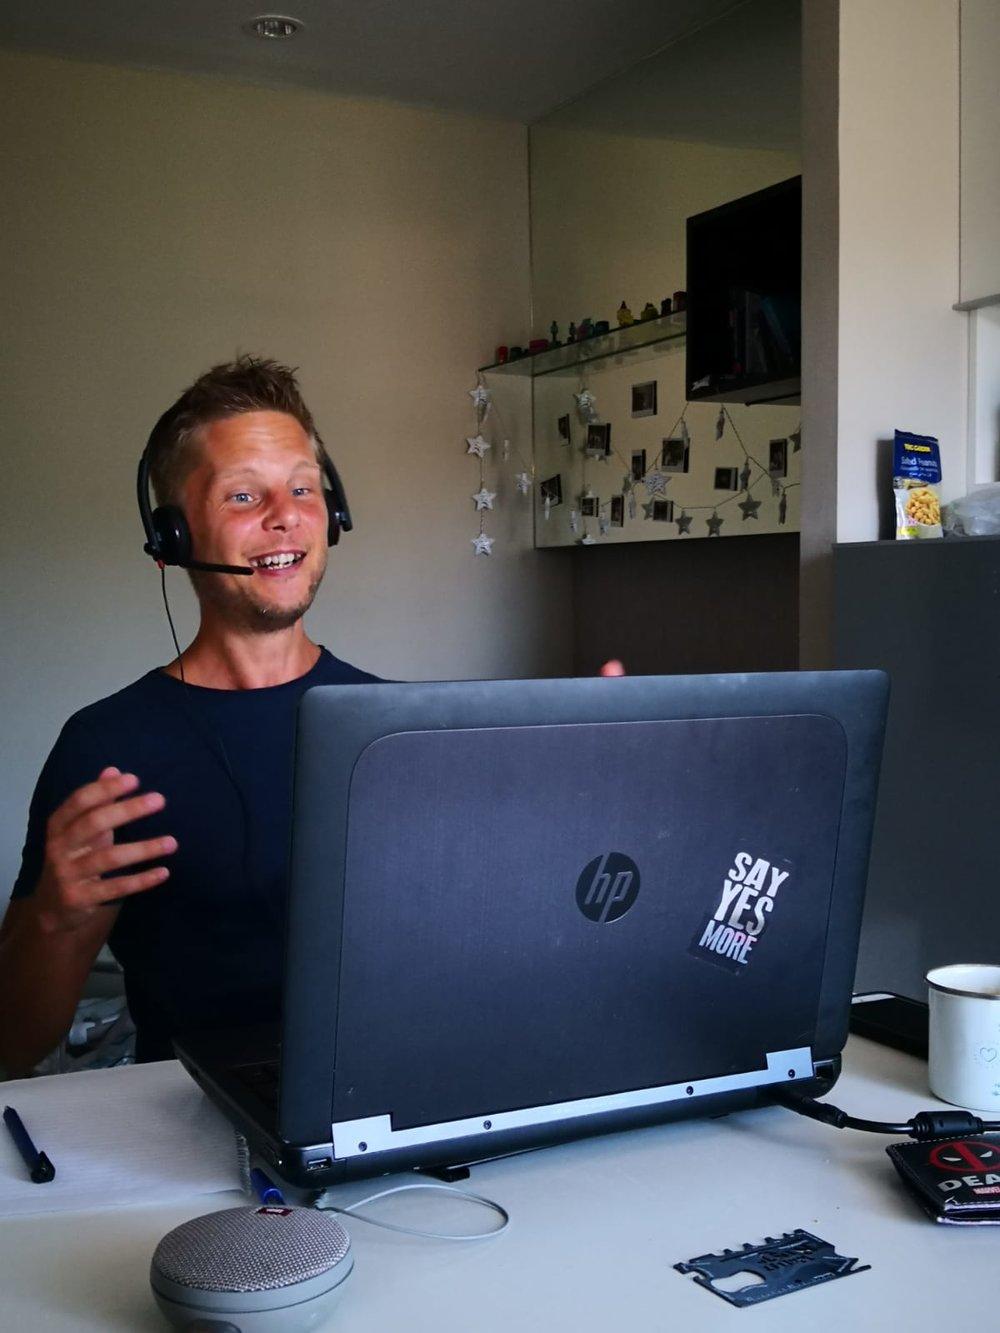 Levivel szórakozás nyelvet tanulni online